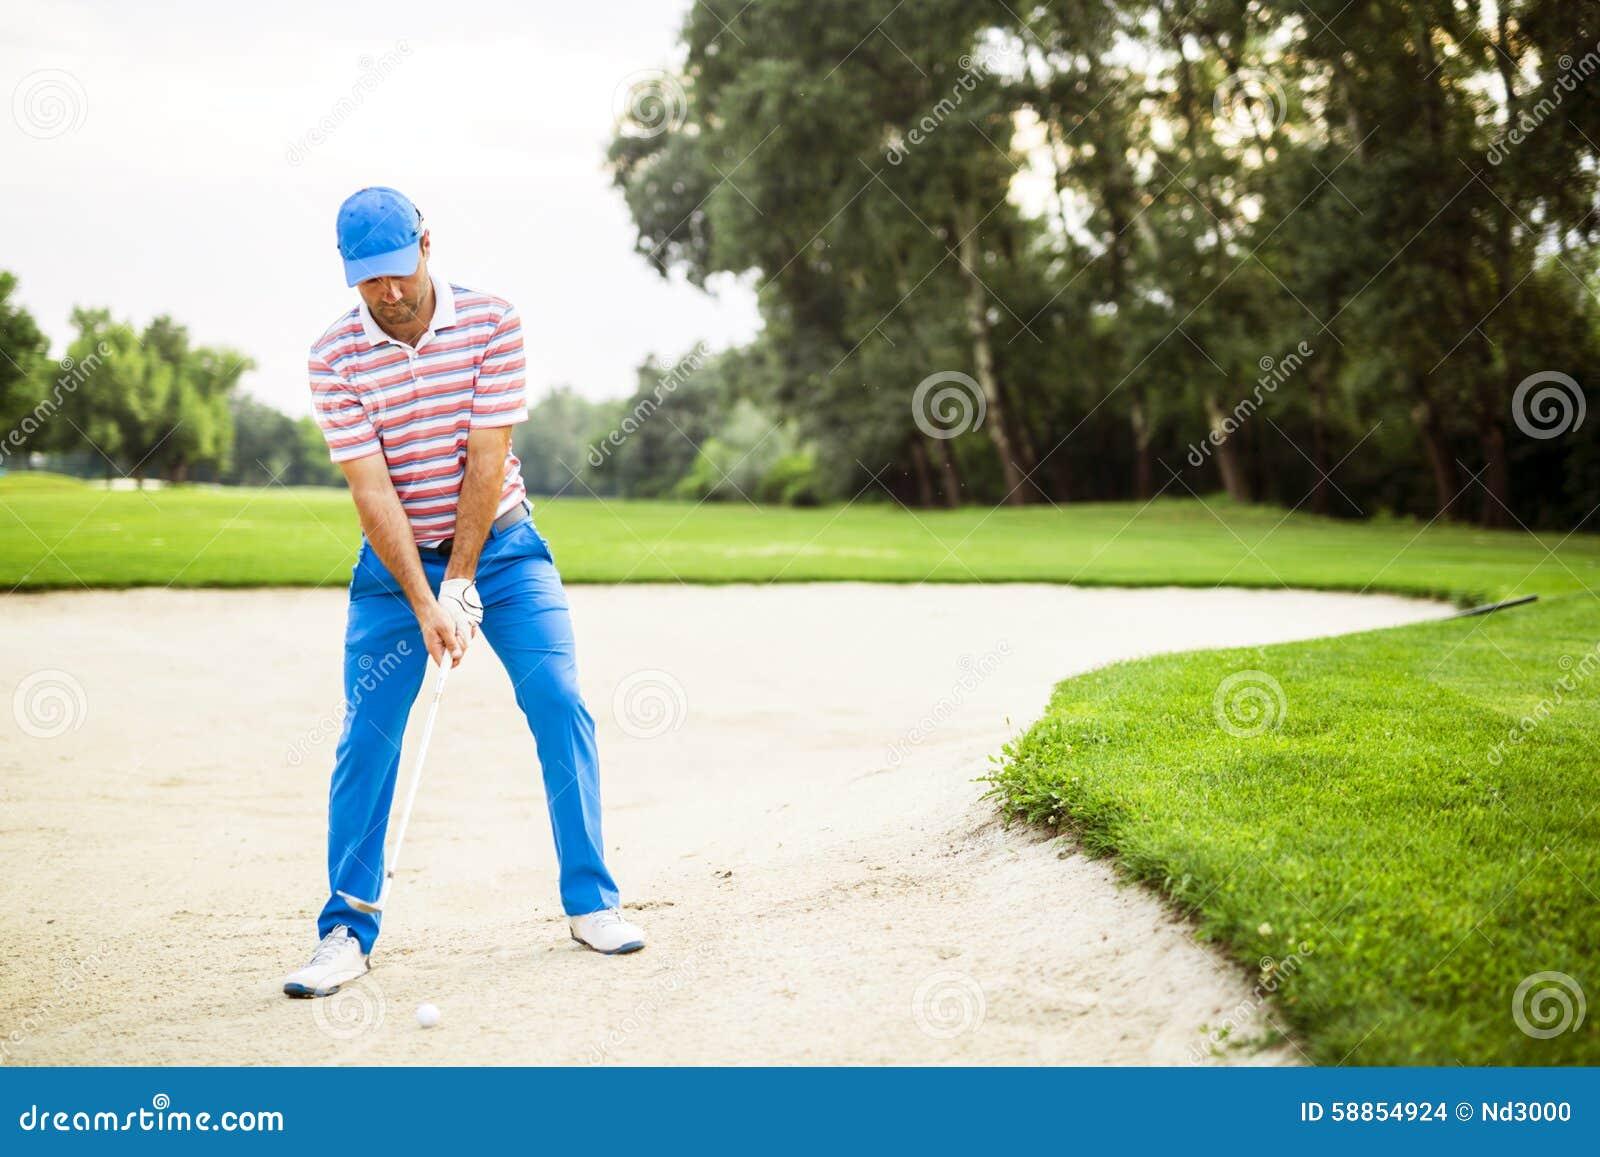 Παίκτης γκολφ που παίρνει έναν πυροβολισμό αποθηκών